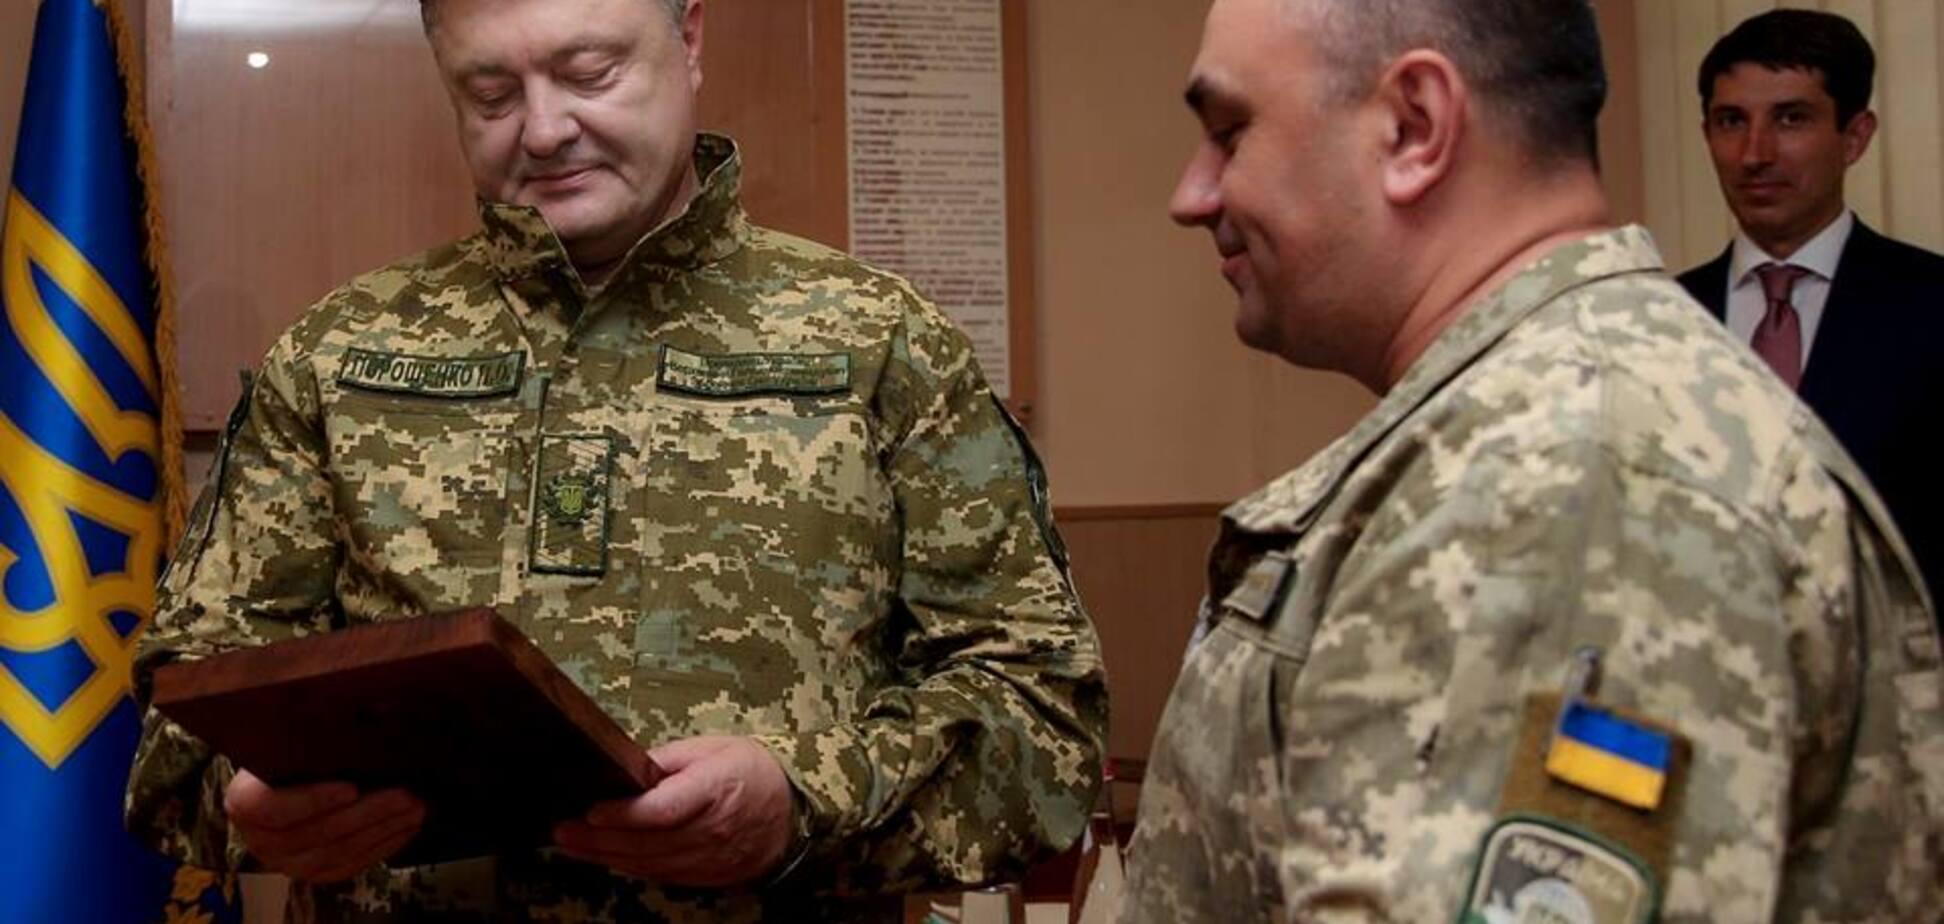 Из своего кармана: Порошенко лично передал сотни миллионов для армии